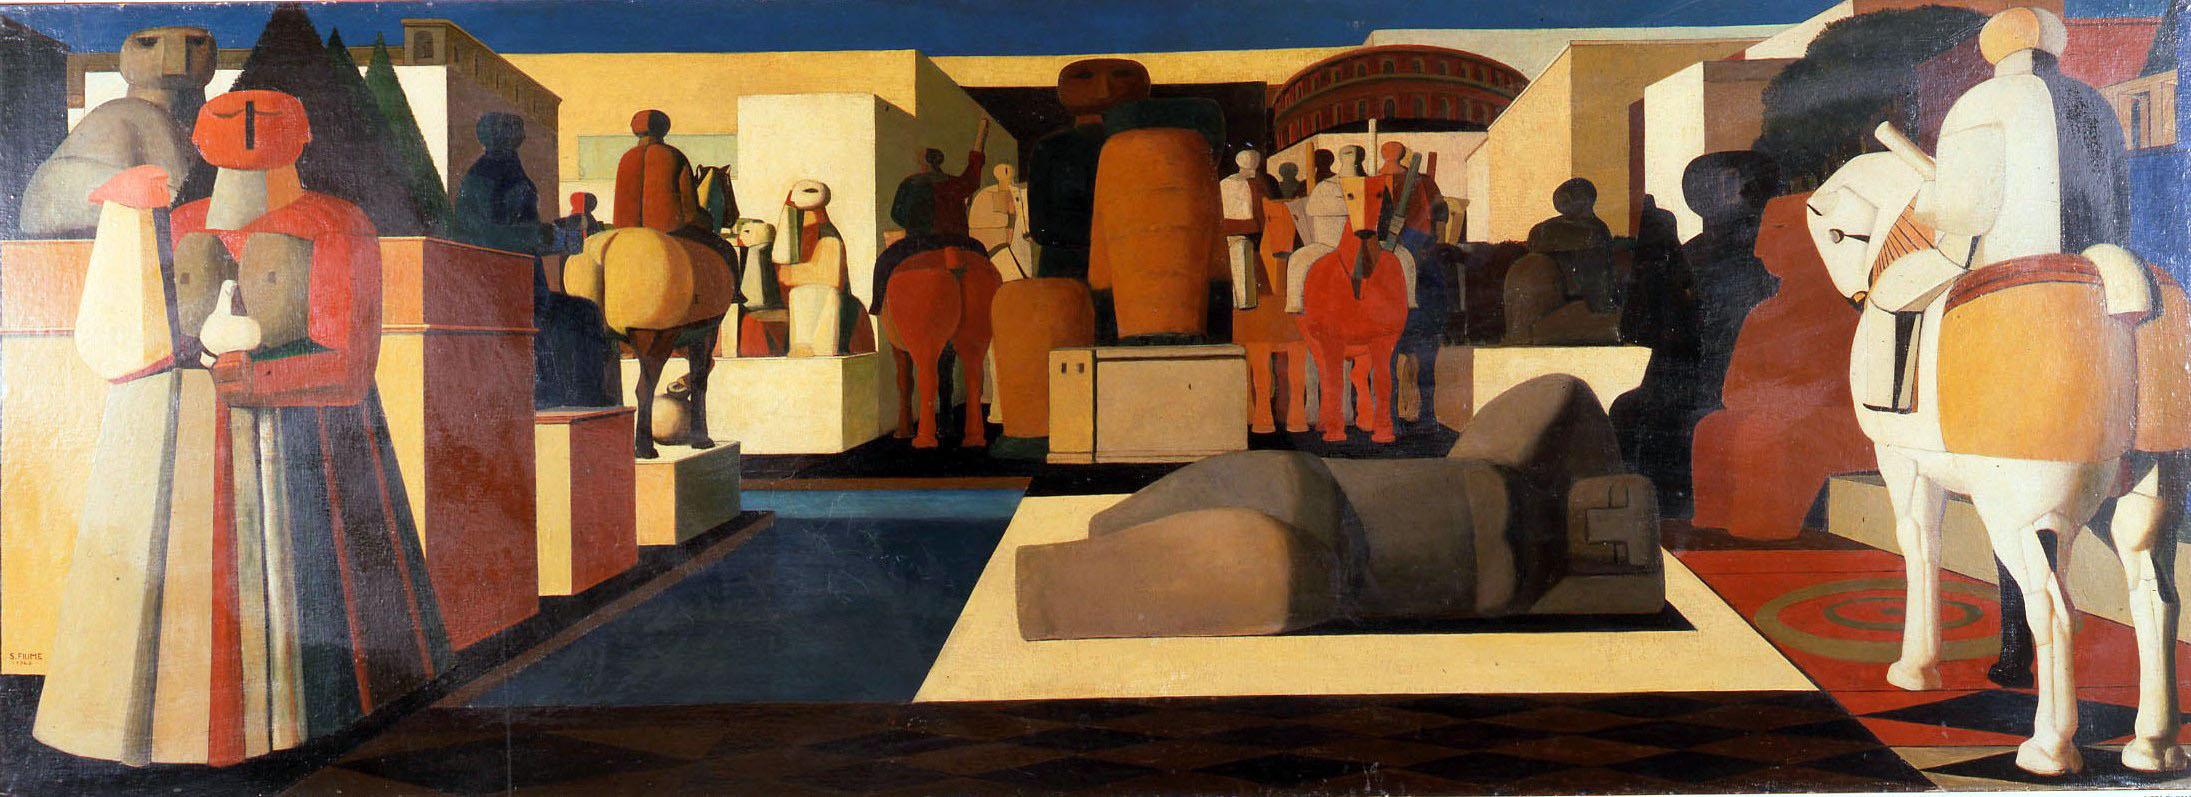 Salvatore Fiume, Città di statue, 1948, olio su tela